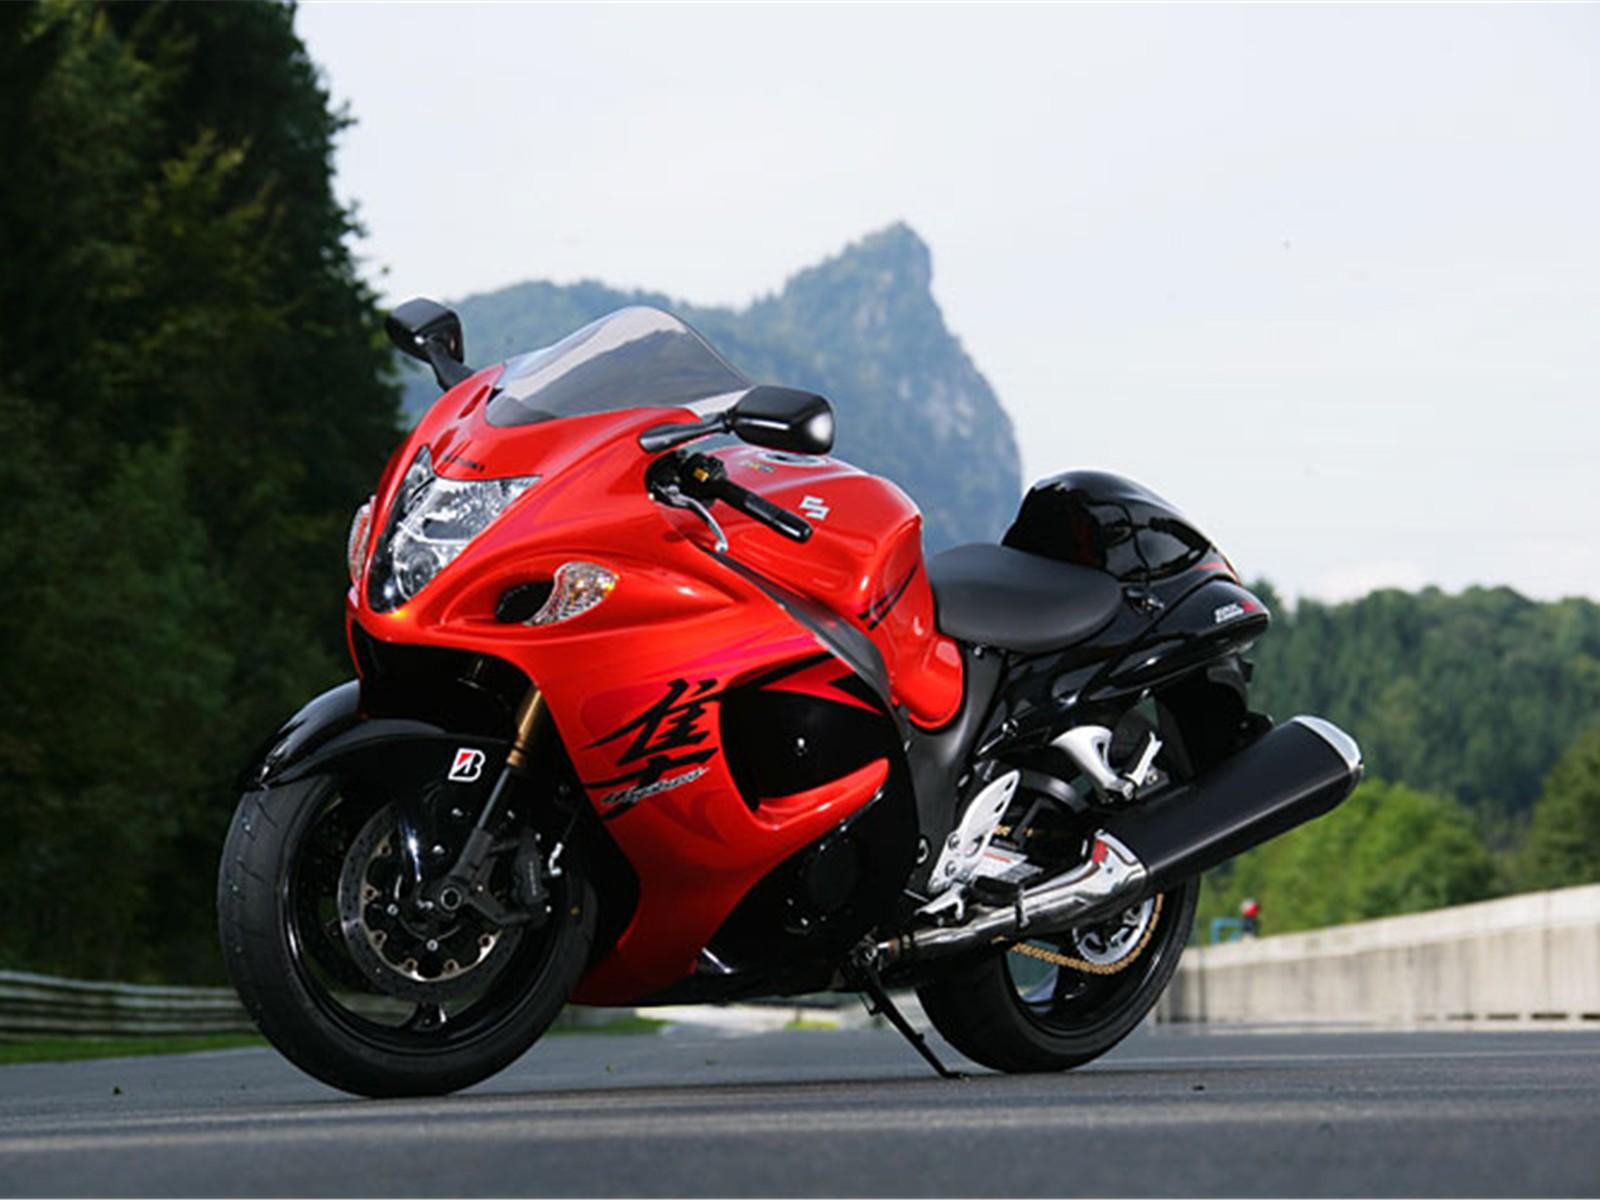 Suzuki hayabusa fastest bike in the world